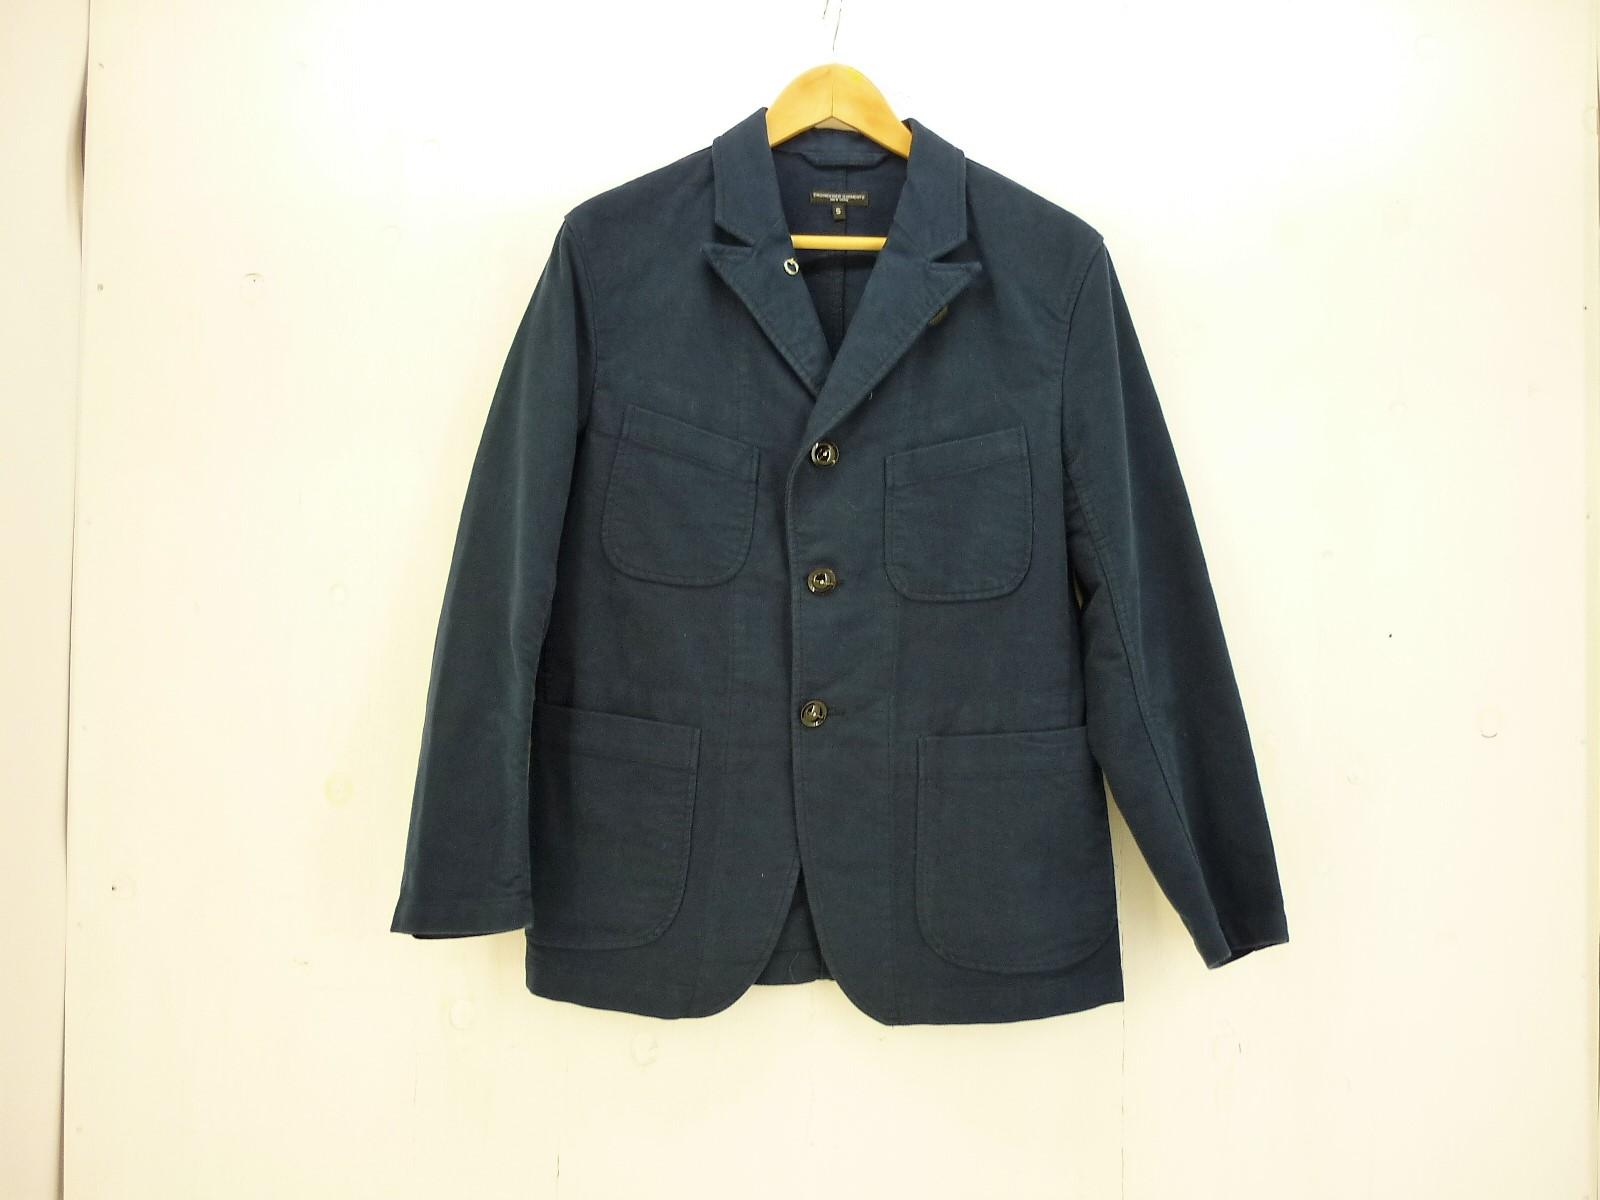 値下げしました Engineered Garments bedford JKT size:S エンジニアードガーメンツ ベッドフォード ジャケット ネイビー^